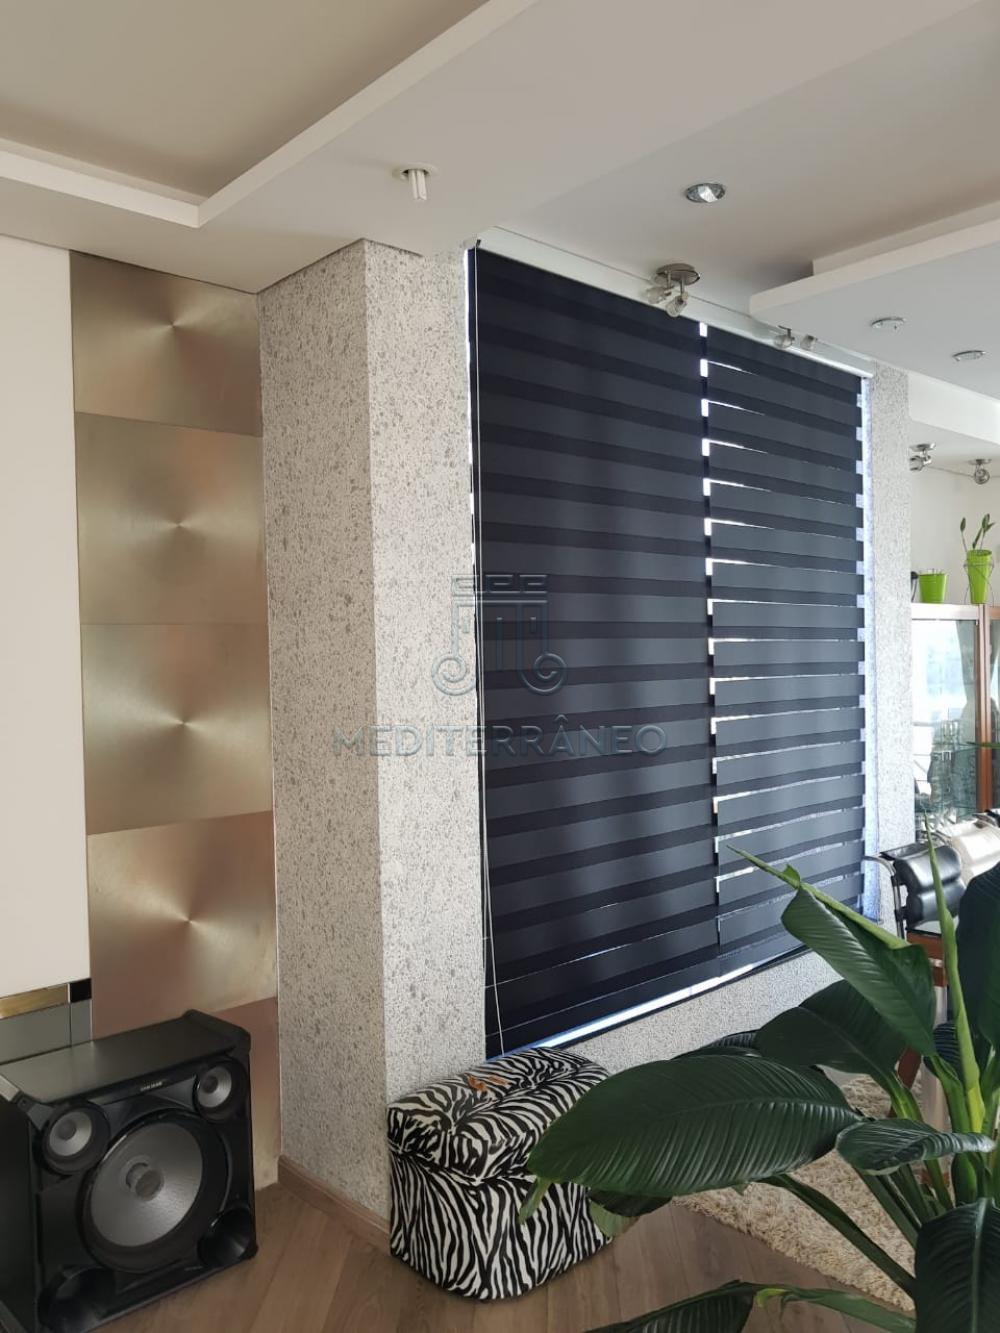 Comprar Casa / Condomínio em Itupeva apenas R$ 950.000,00 - Foto 7